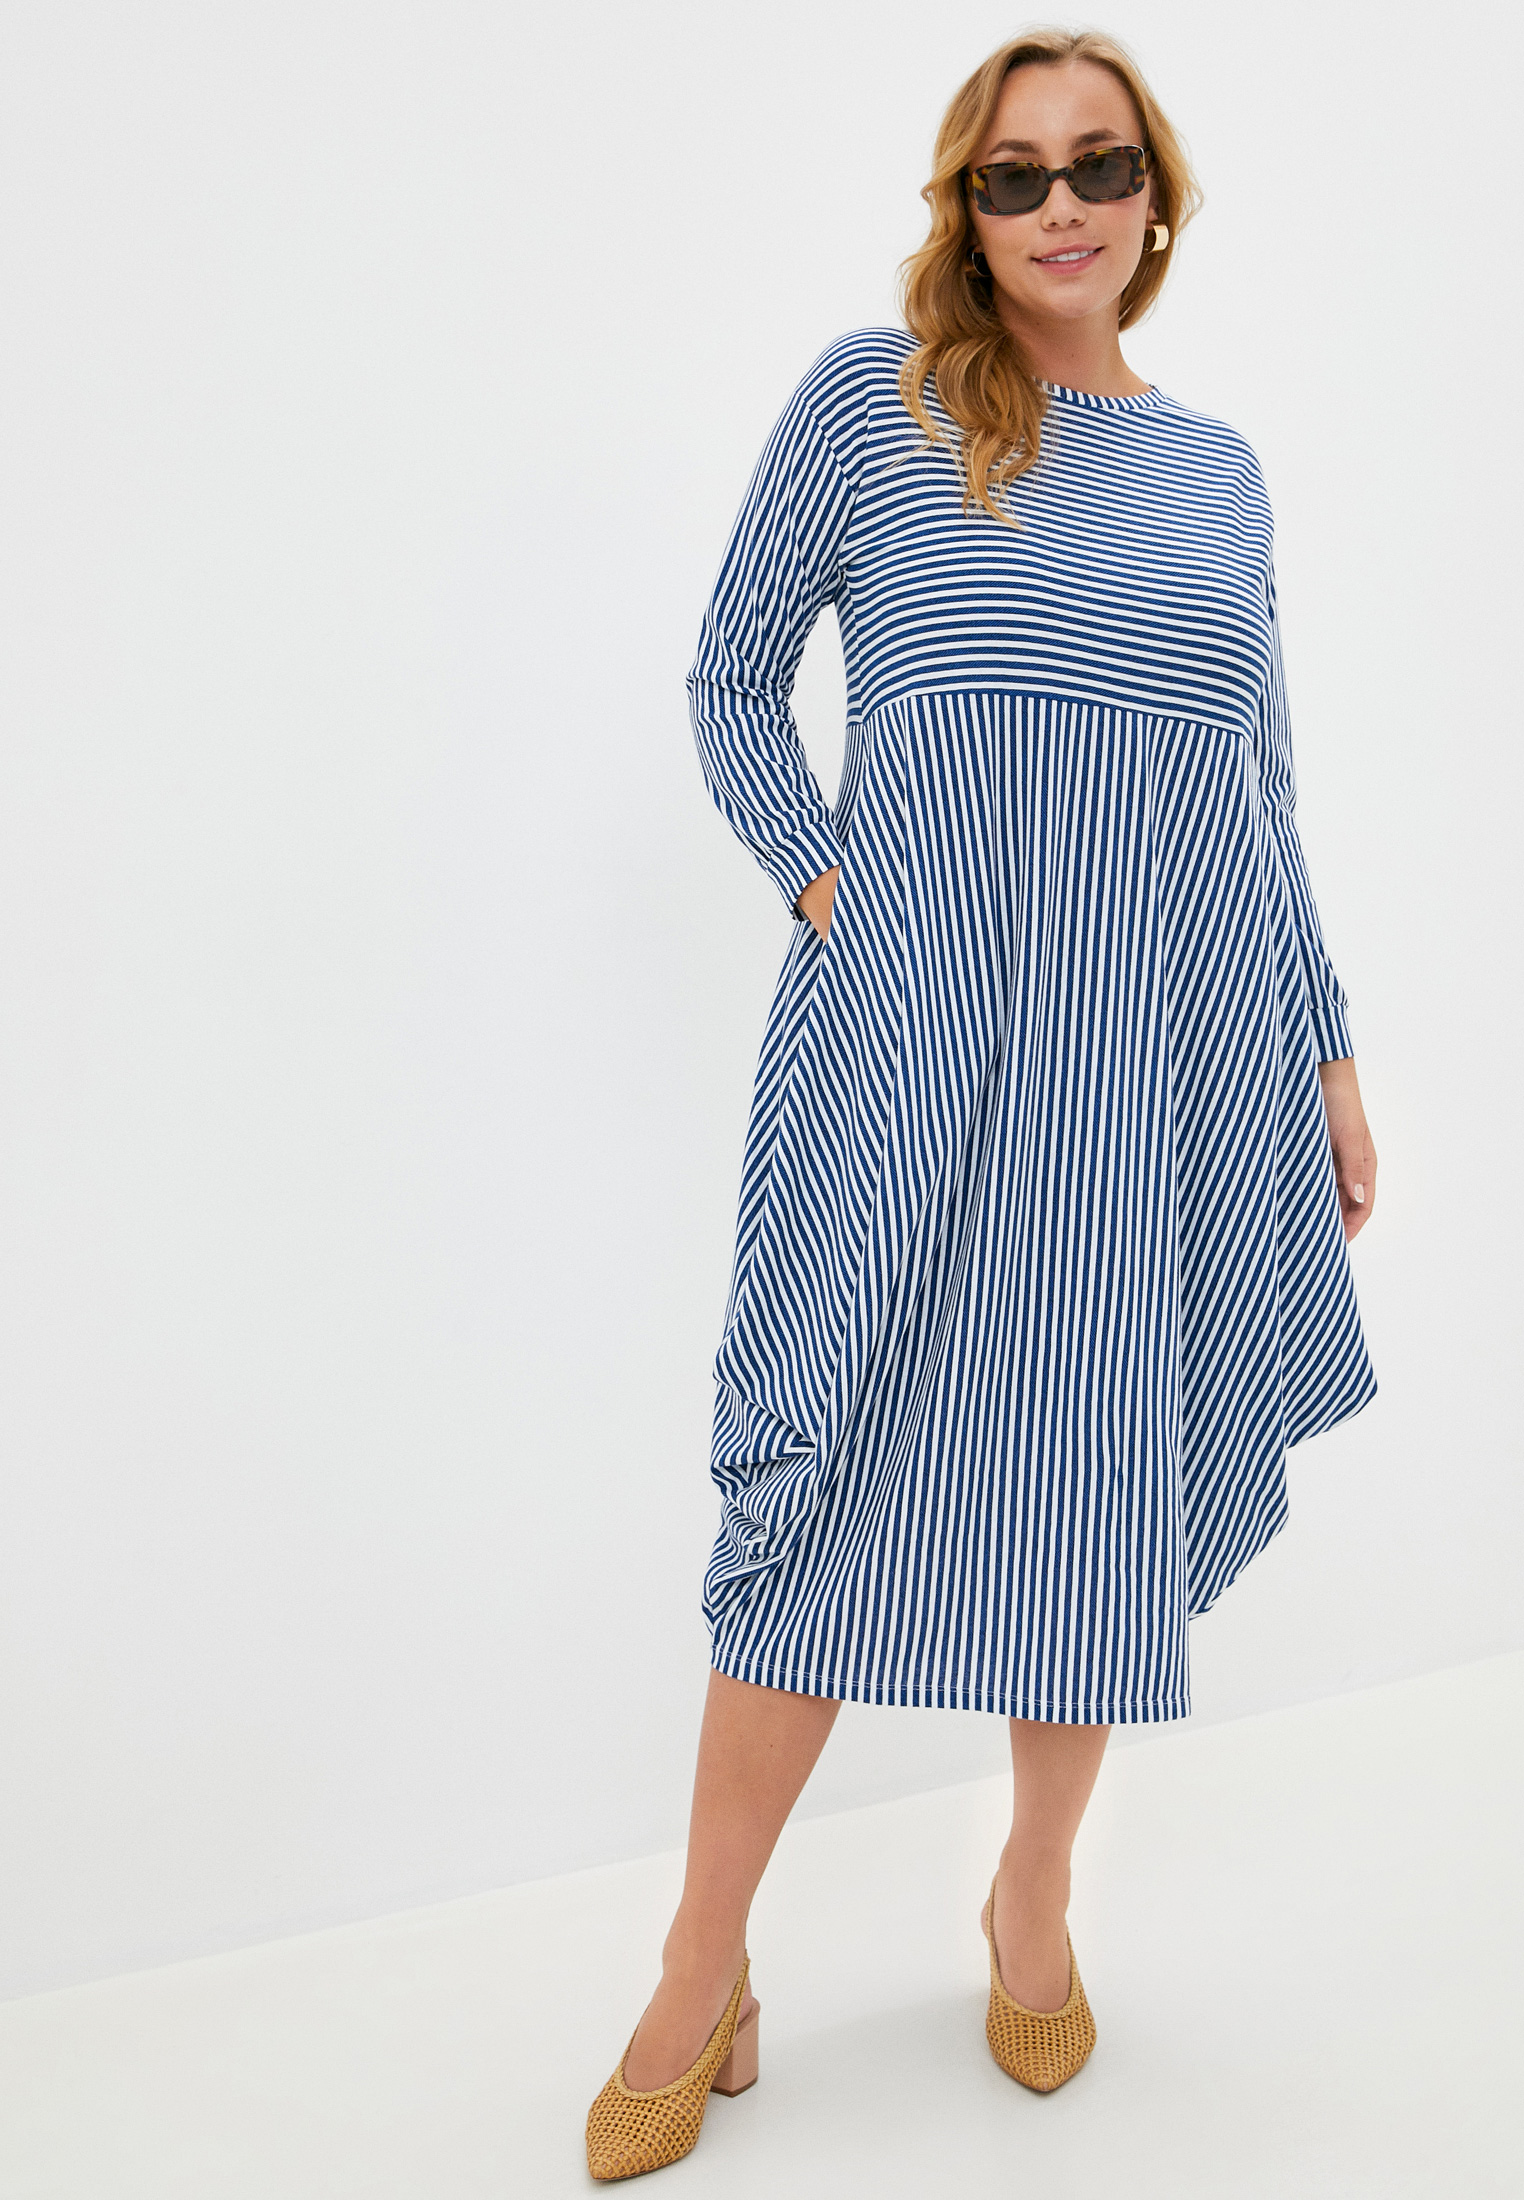 Повседневное платье Toku Tino TT8513079b/